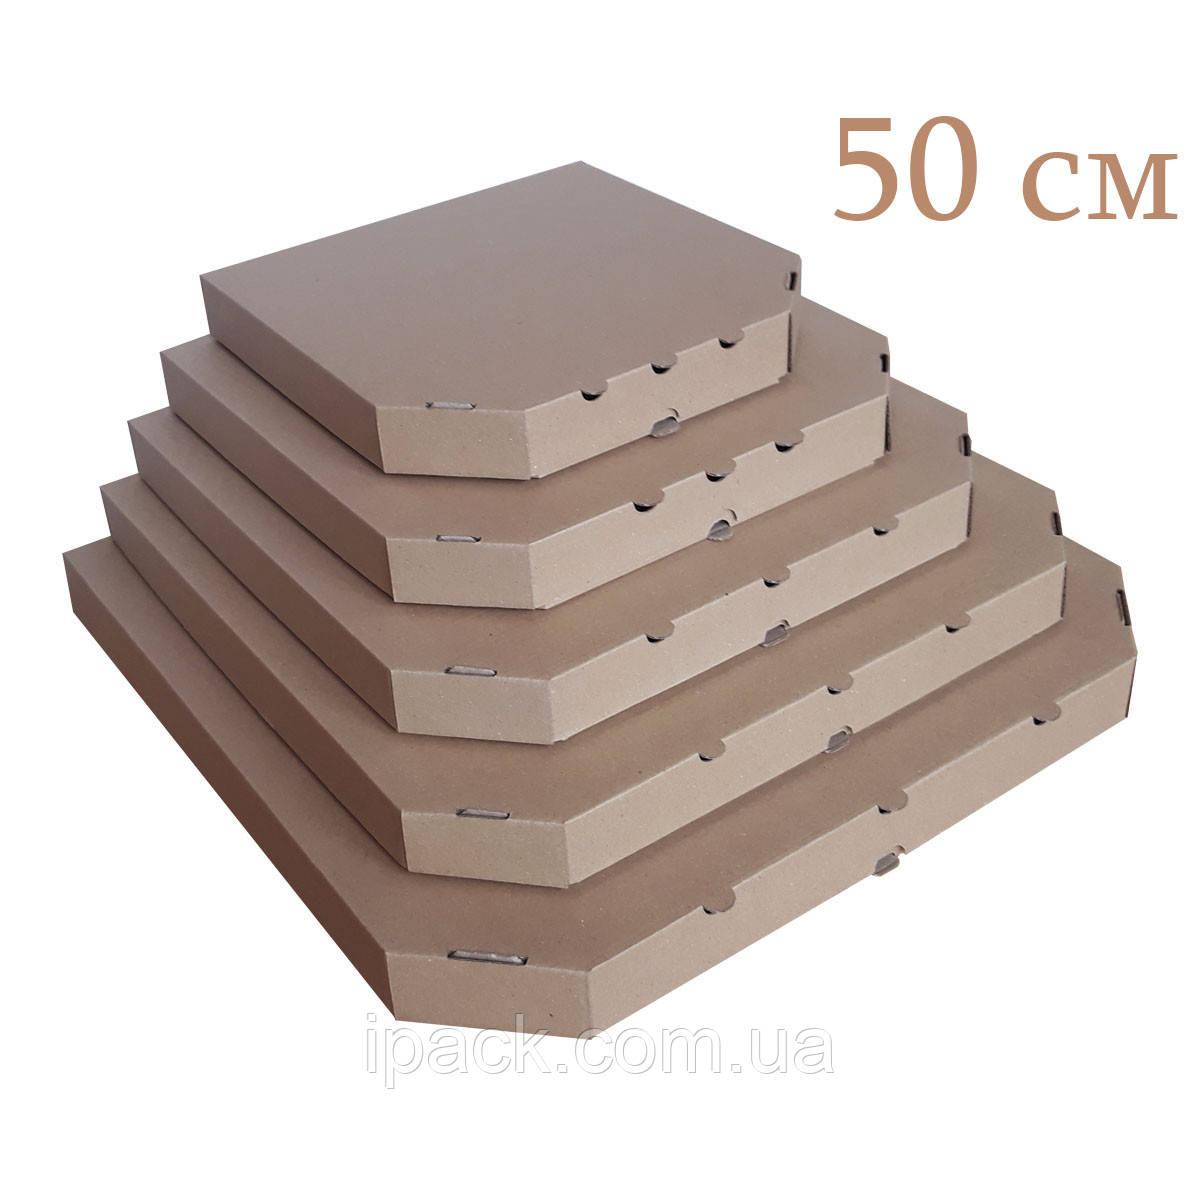 Коробка для пиццы, 50 см бурая, 500*500*40, мм